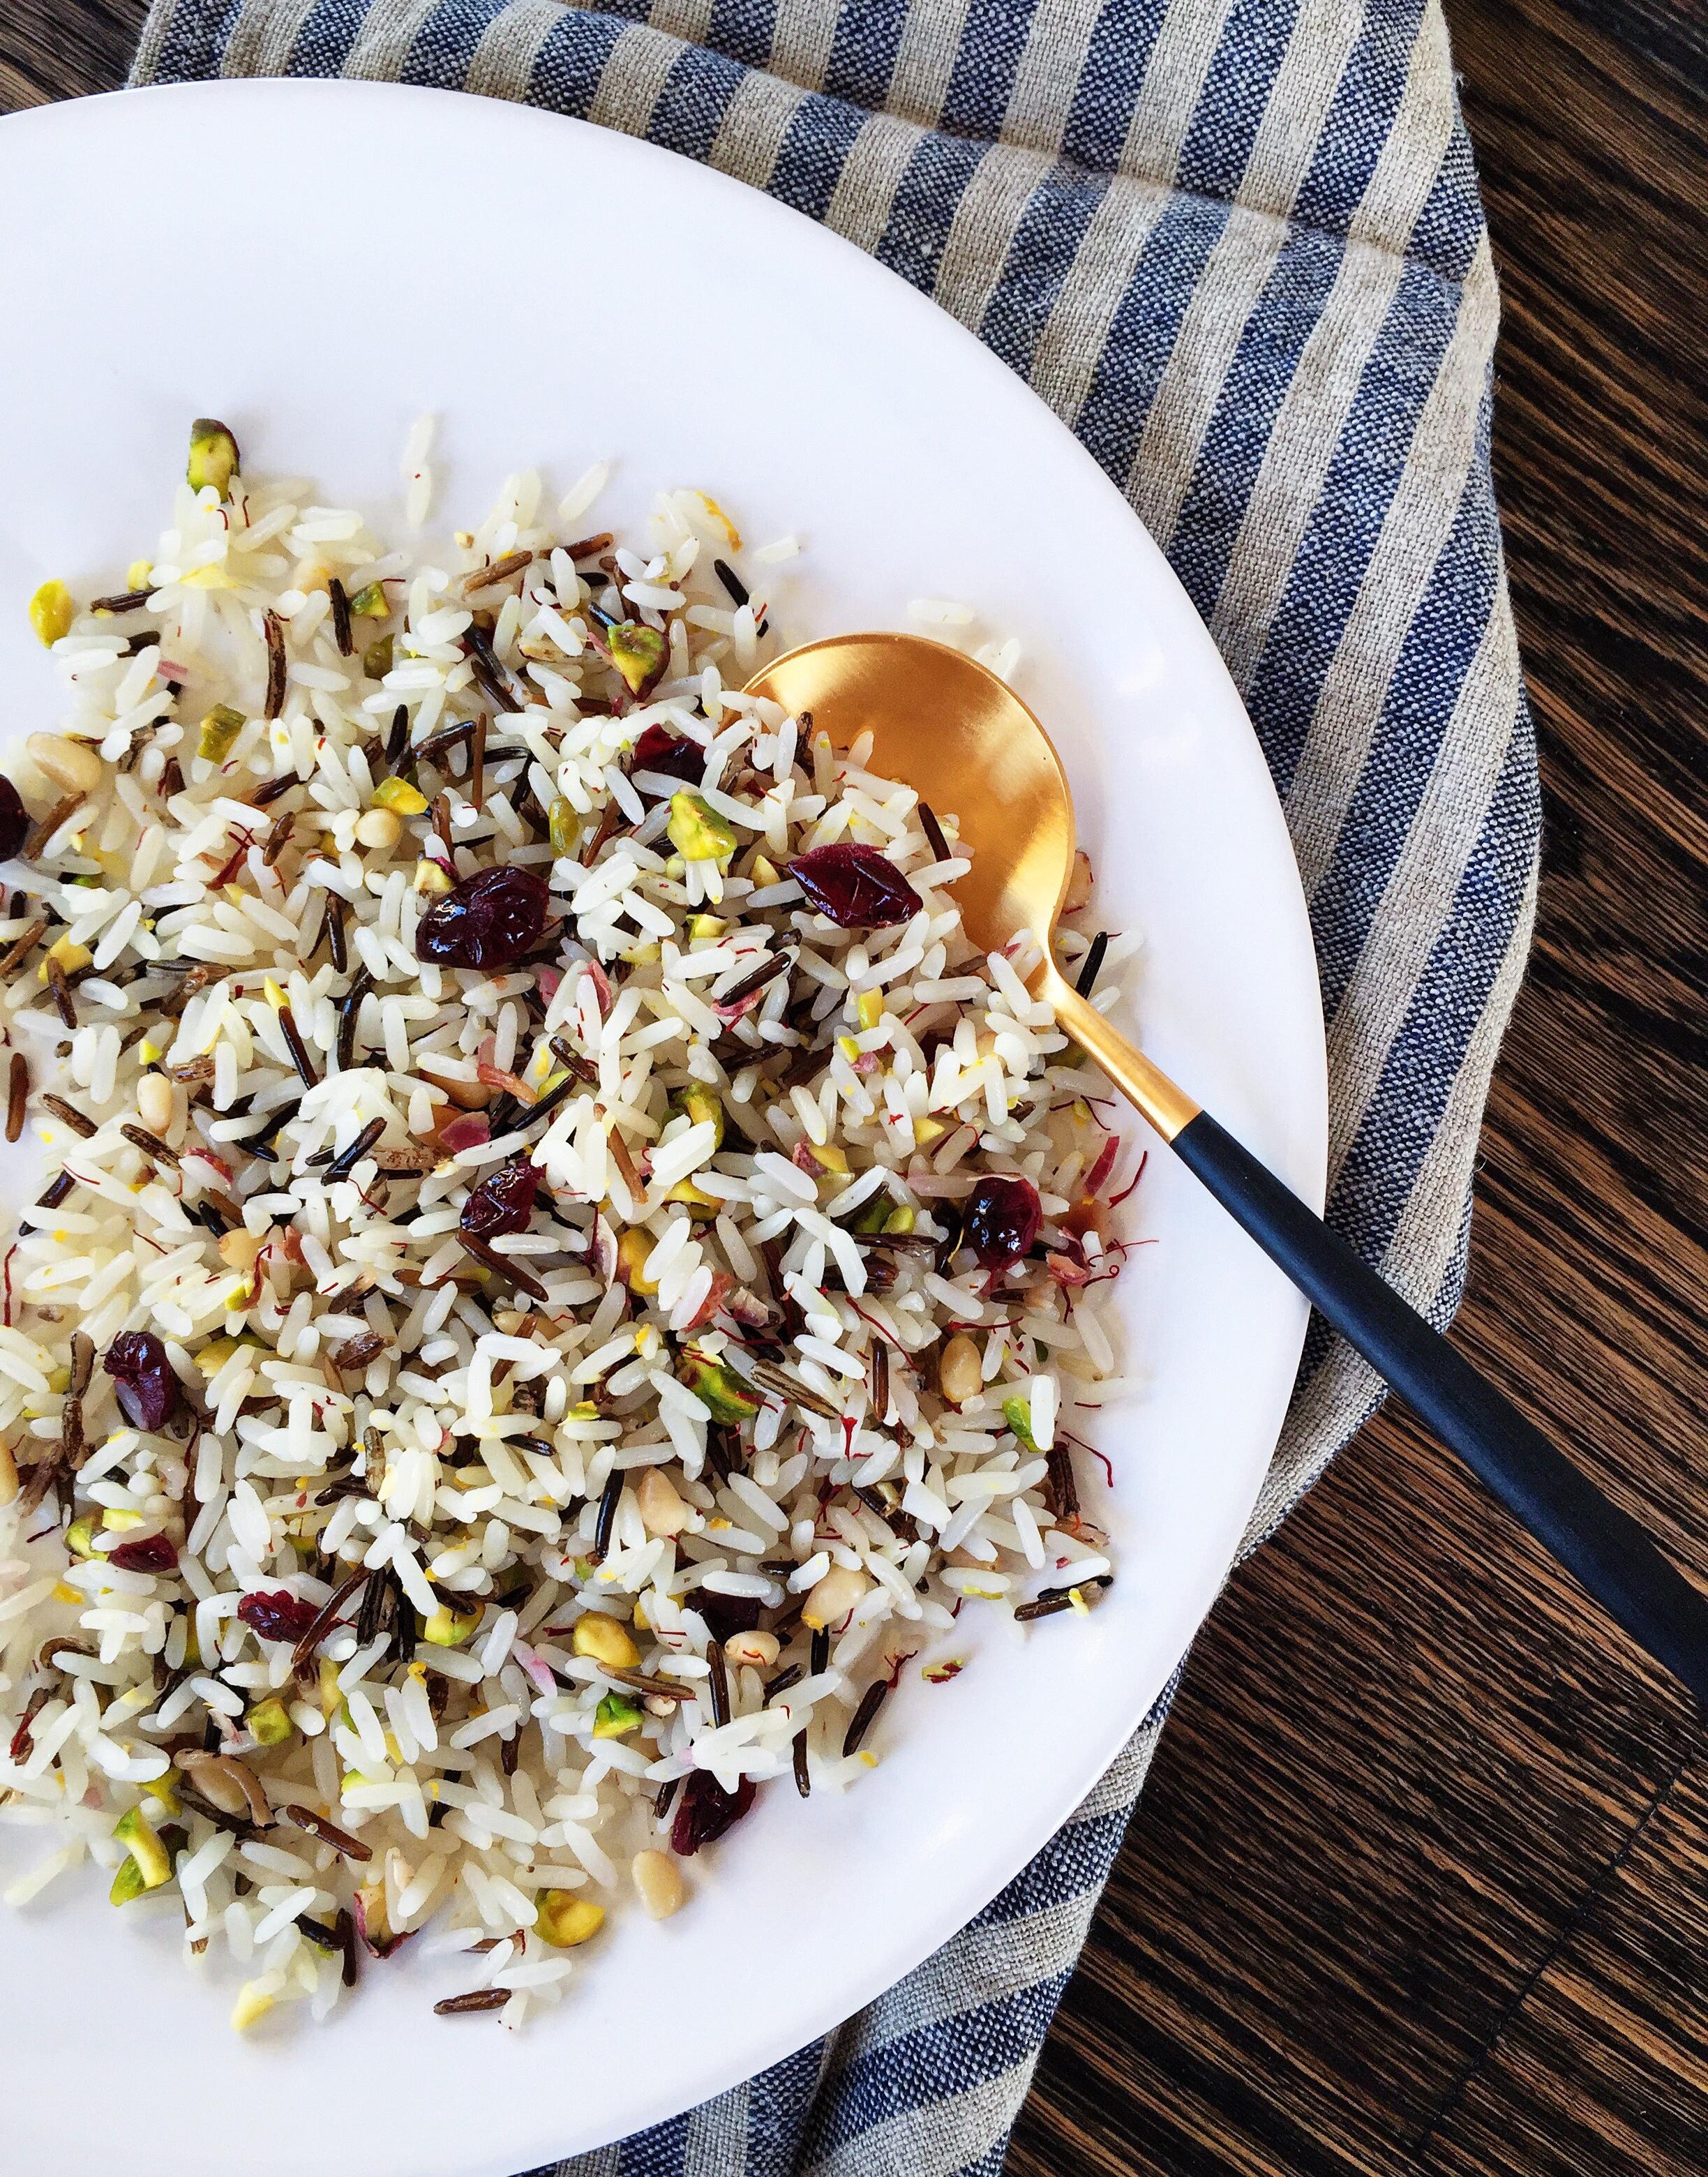 Long grain & wild rice + unsalted pistachios, toasted pine nuts, dried cranberries, lemon zest, saffron.